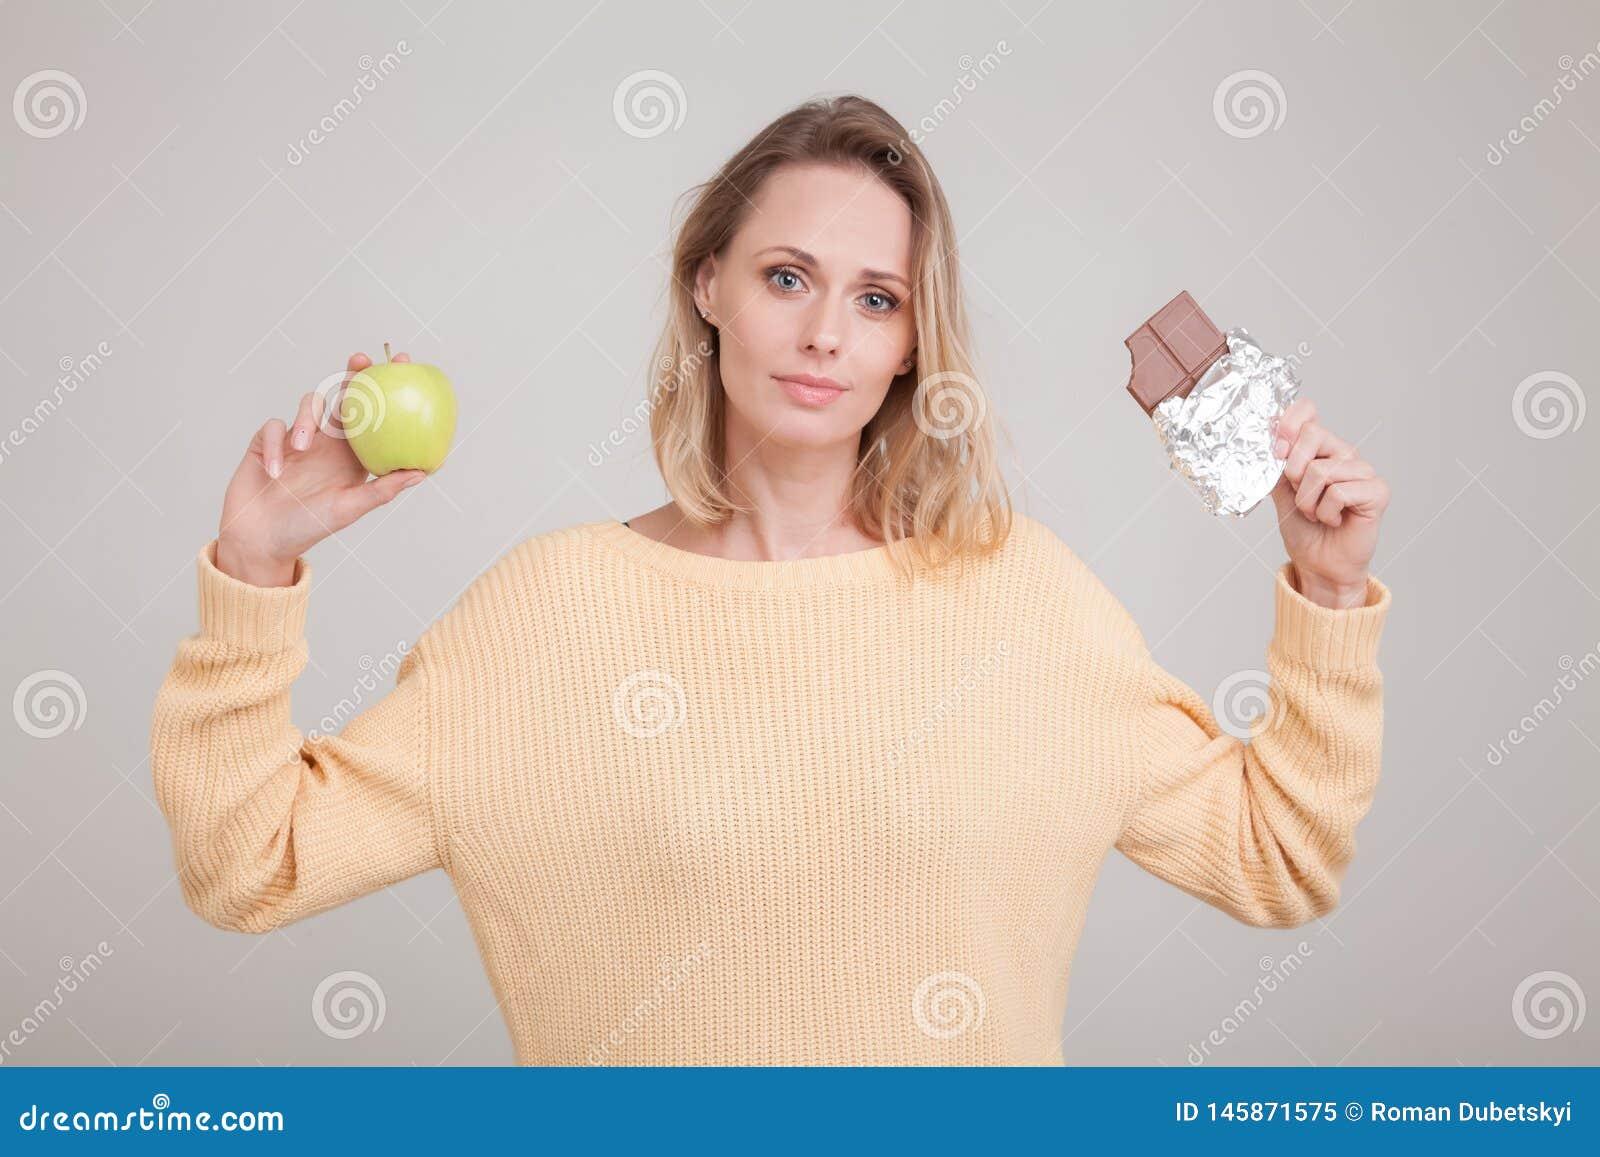 Το όμορφο νέο ξανθό κορίτσι κρατά έναν φραγμό της σοκολάτας και ένα πράσινο μήλο γύρω από το πρόσωπό της, δεν μπορεί να κάνει μια